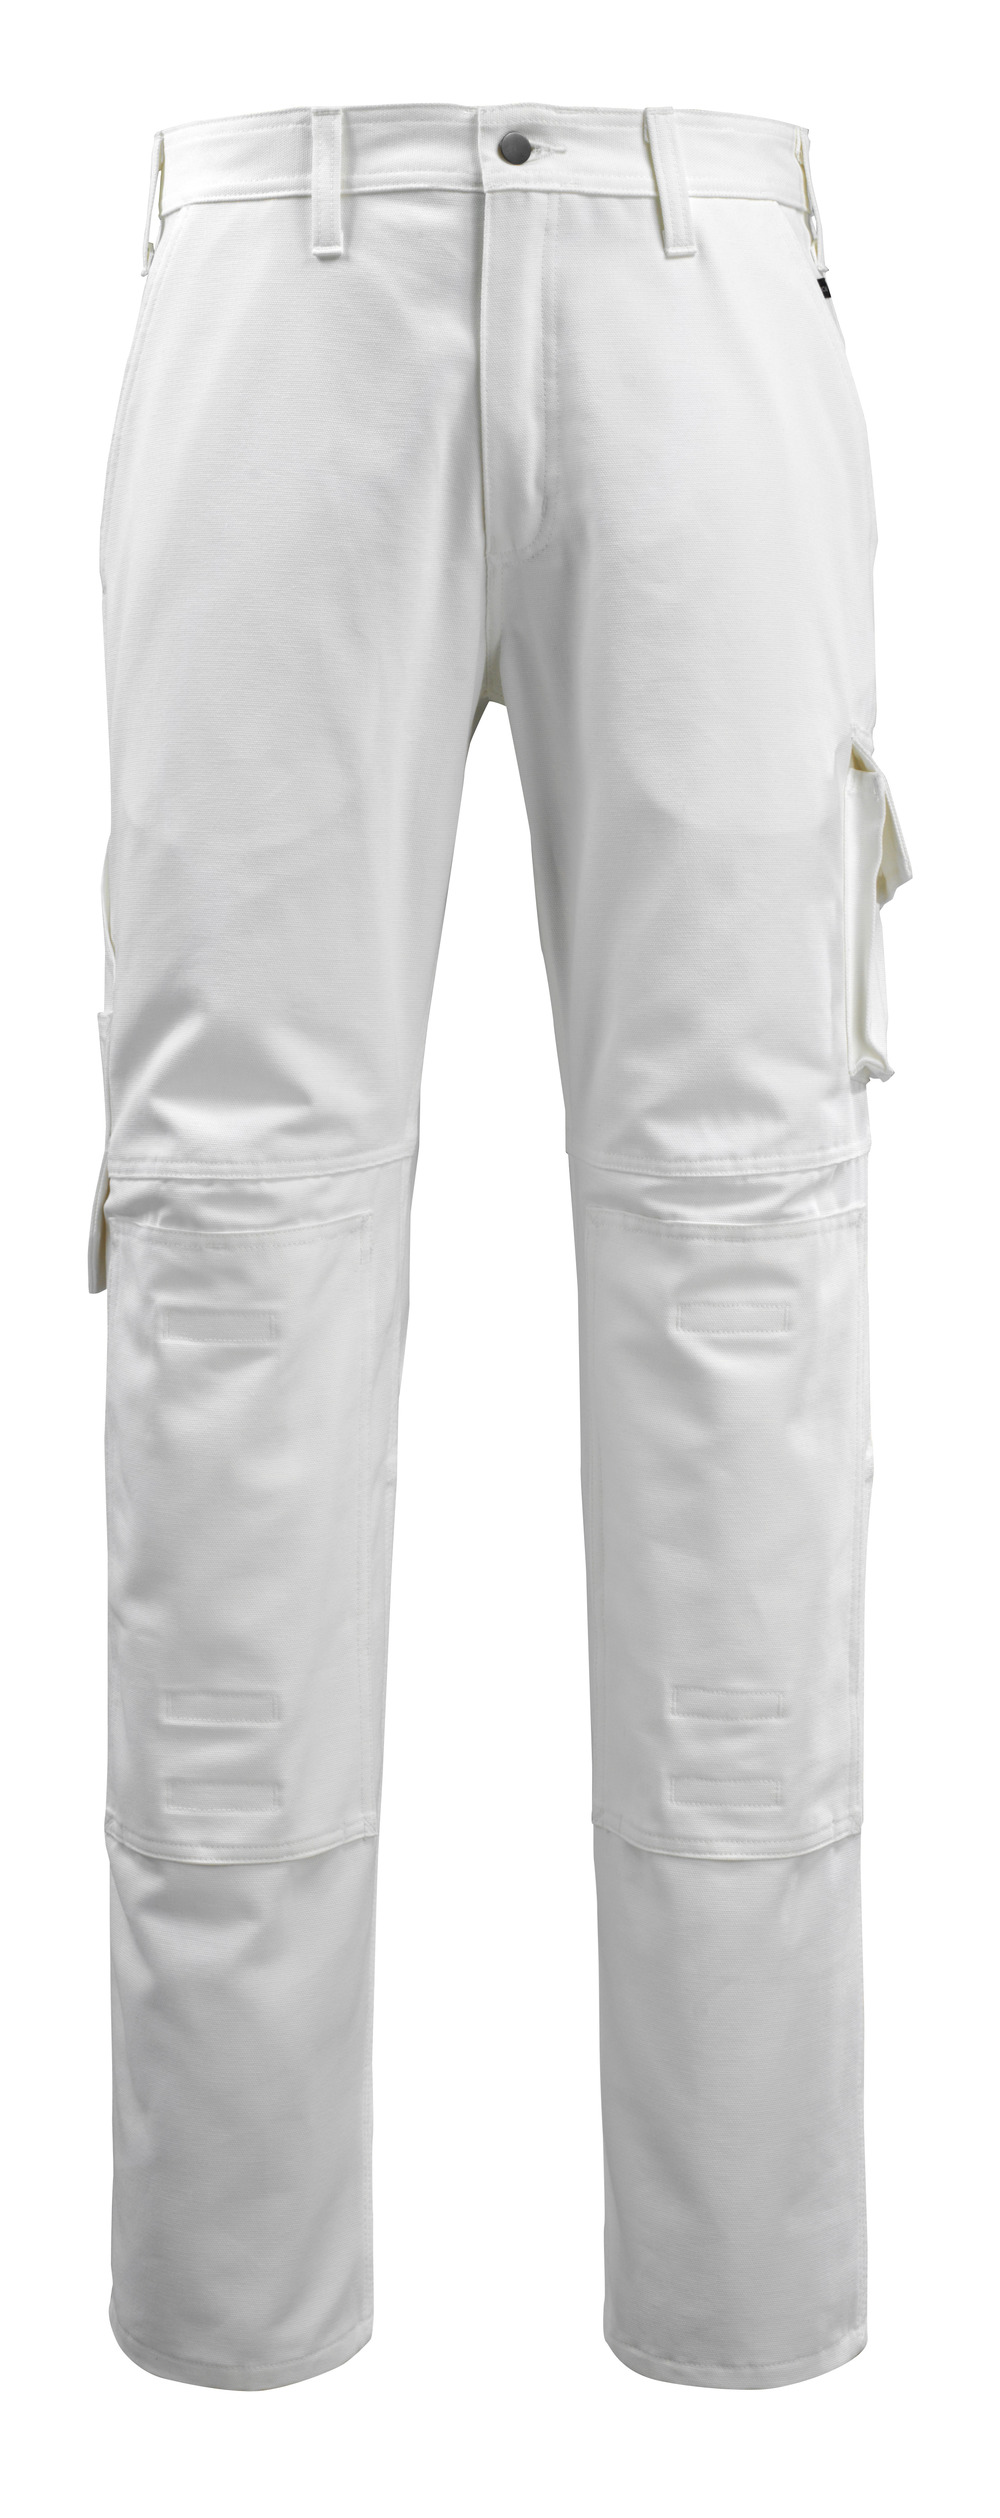 14579-197-06 Pantalon avec poches genouillères - Blanc